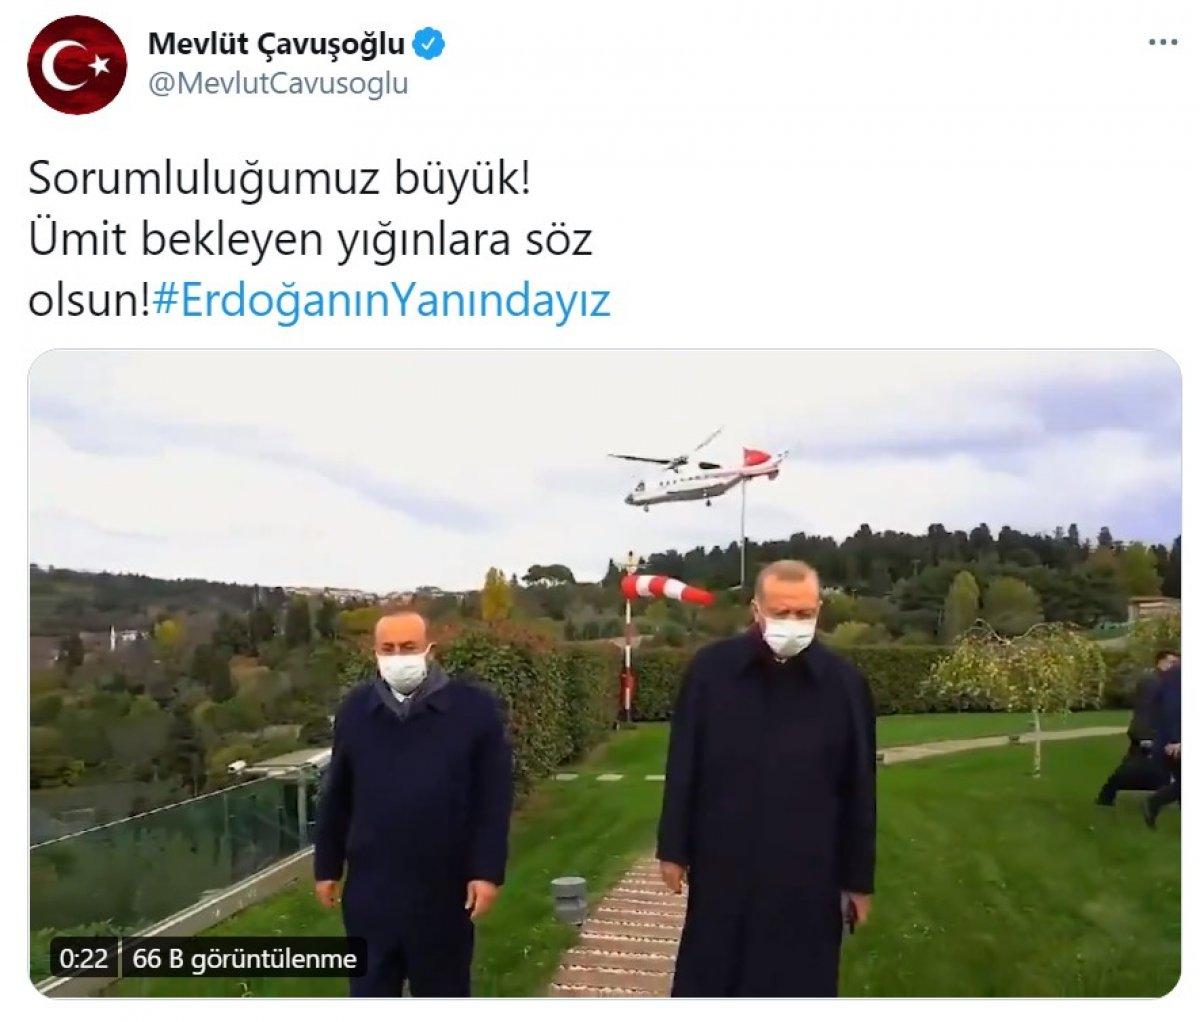 Cumhurbaşkanı Erdoğan a destek tweet leri 2 milyonu aştı #9